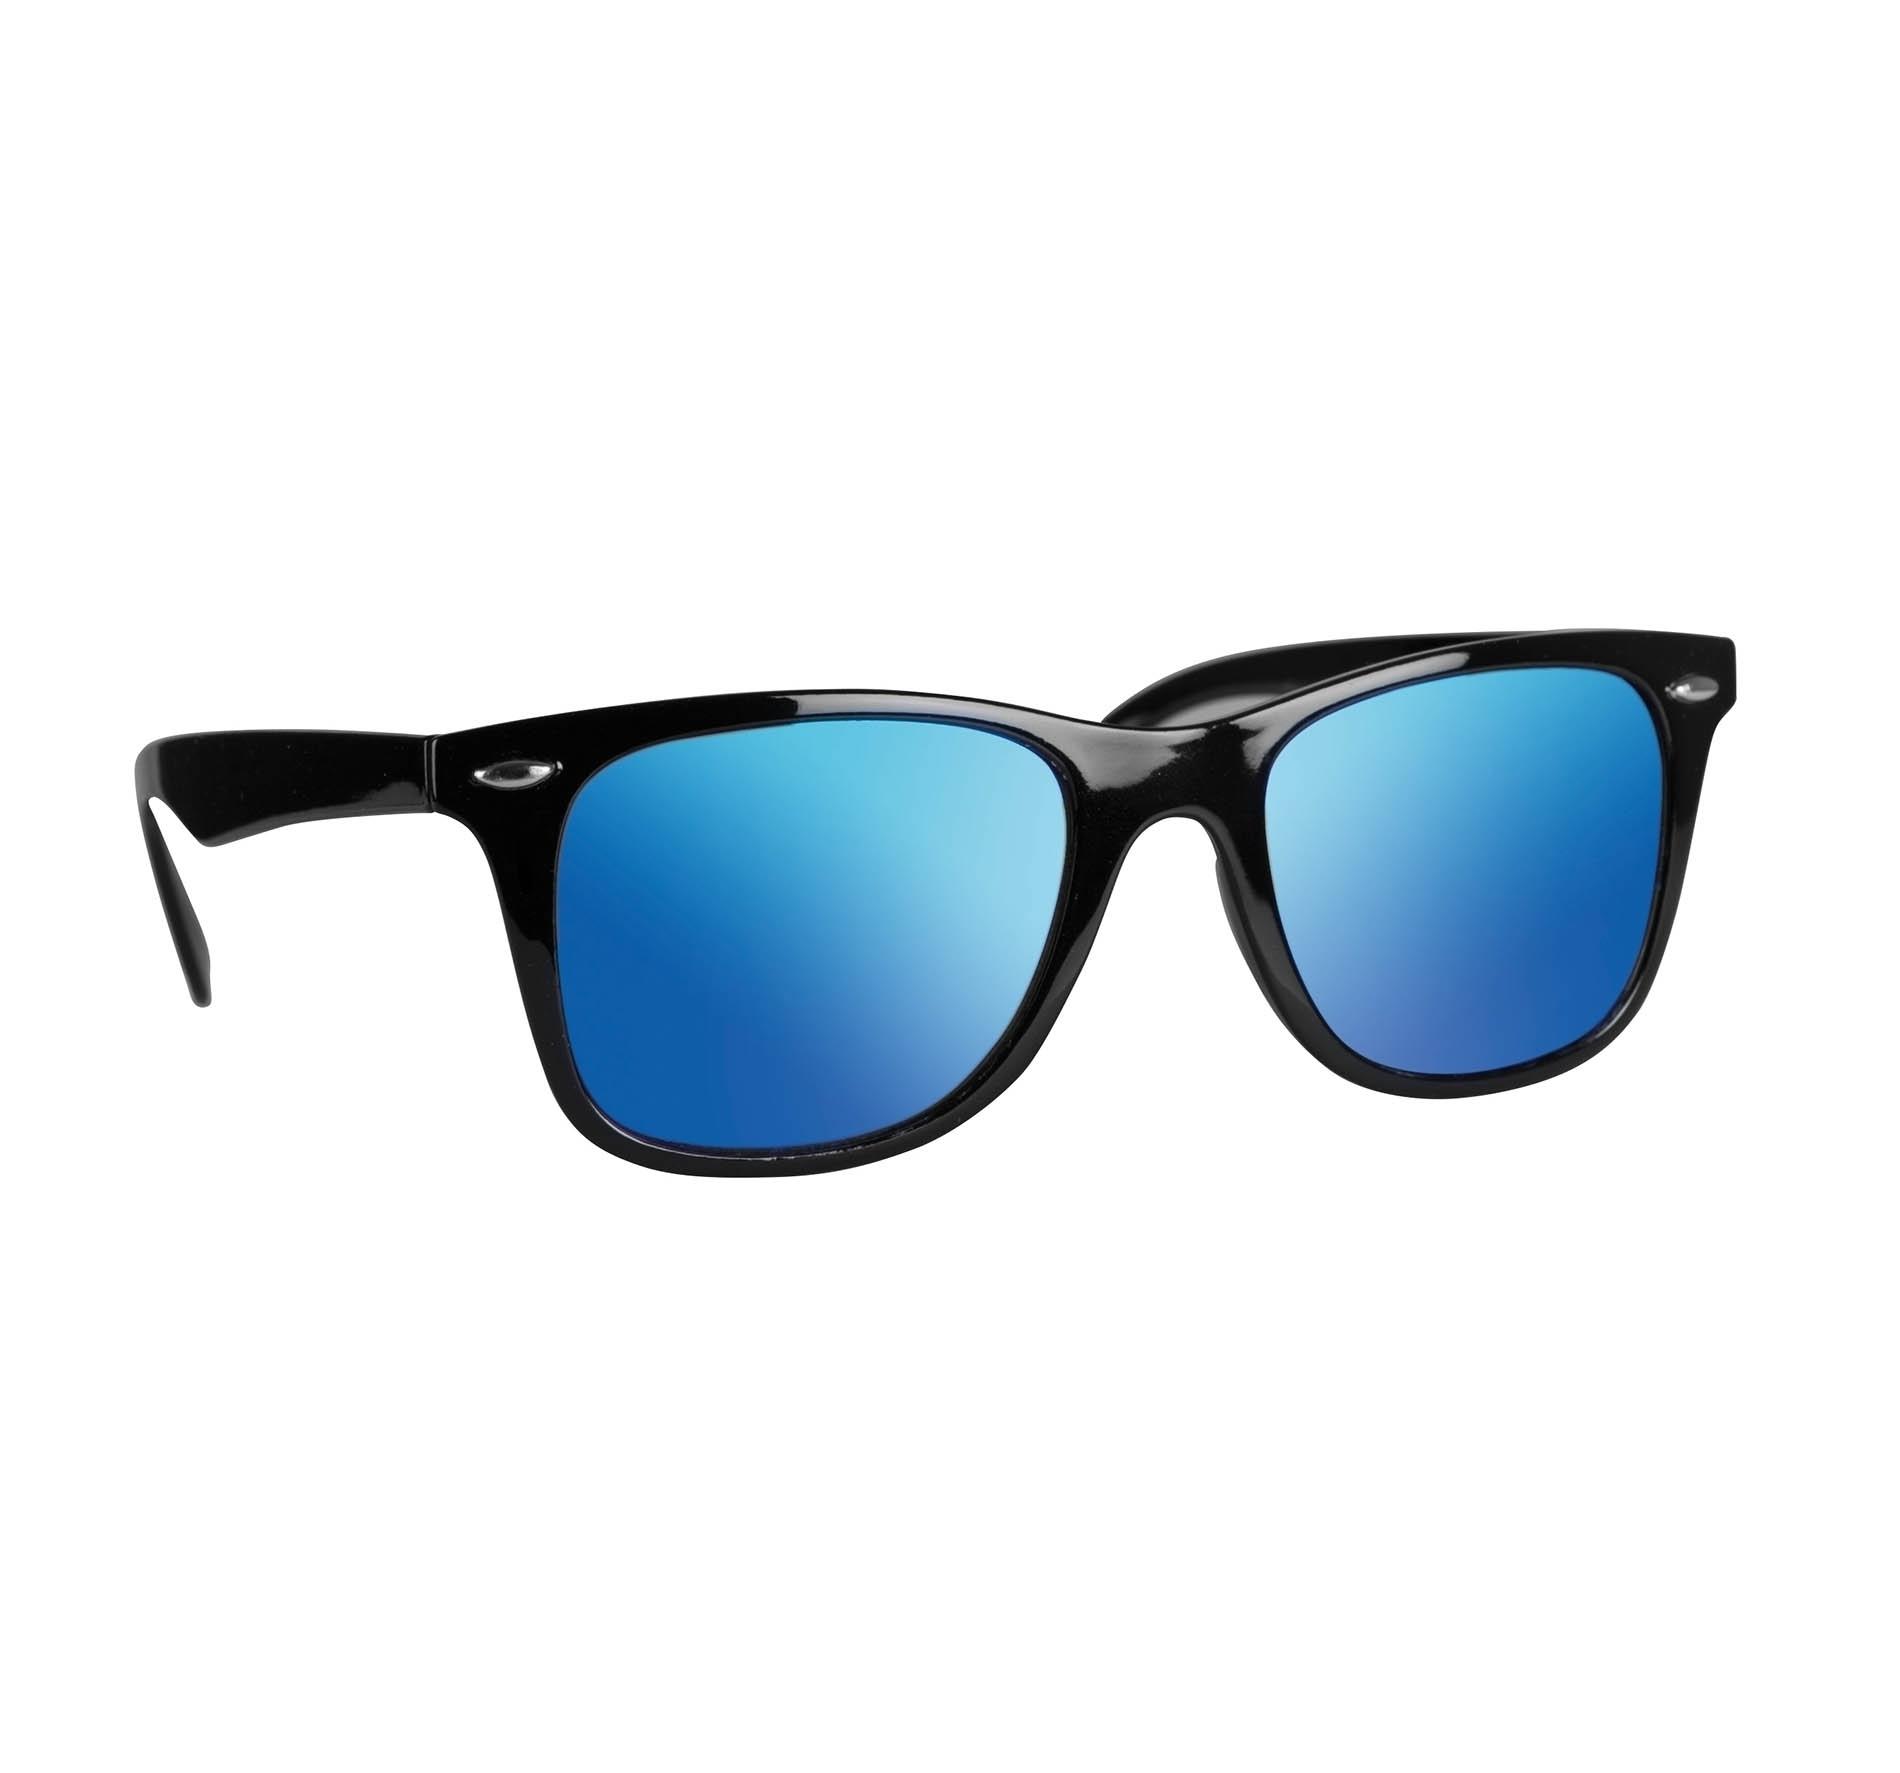 724c362642 Lunettes de soleil avec verres effet miroir Blue / Black Bleu ·  images/stories/virtuemart/tt2016/PS_KI3030_BLUE-BLACK